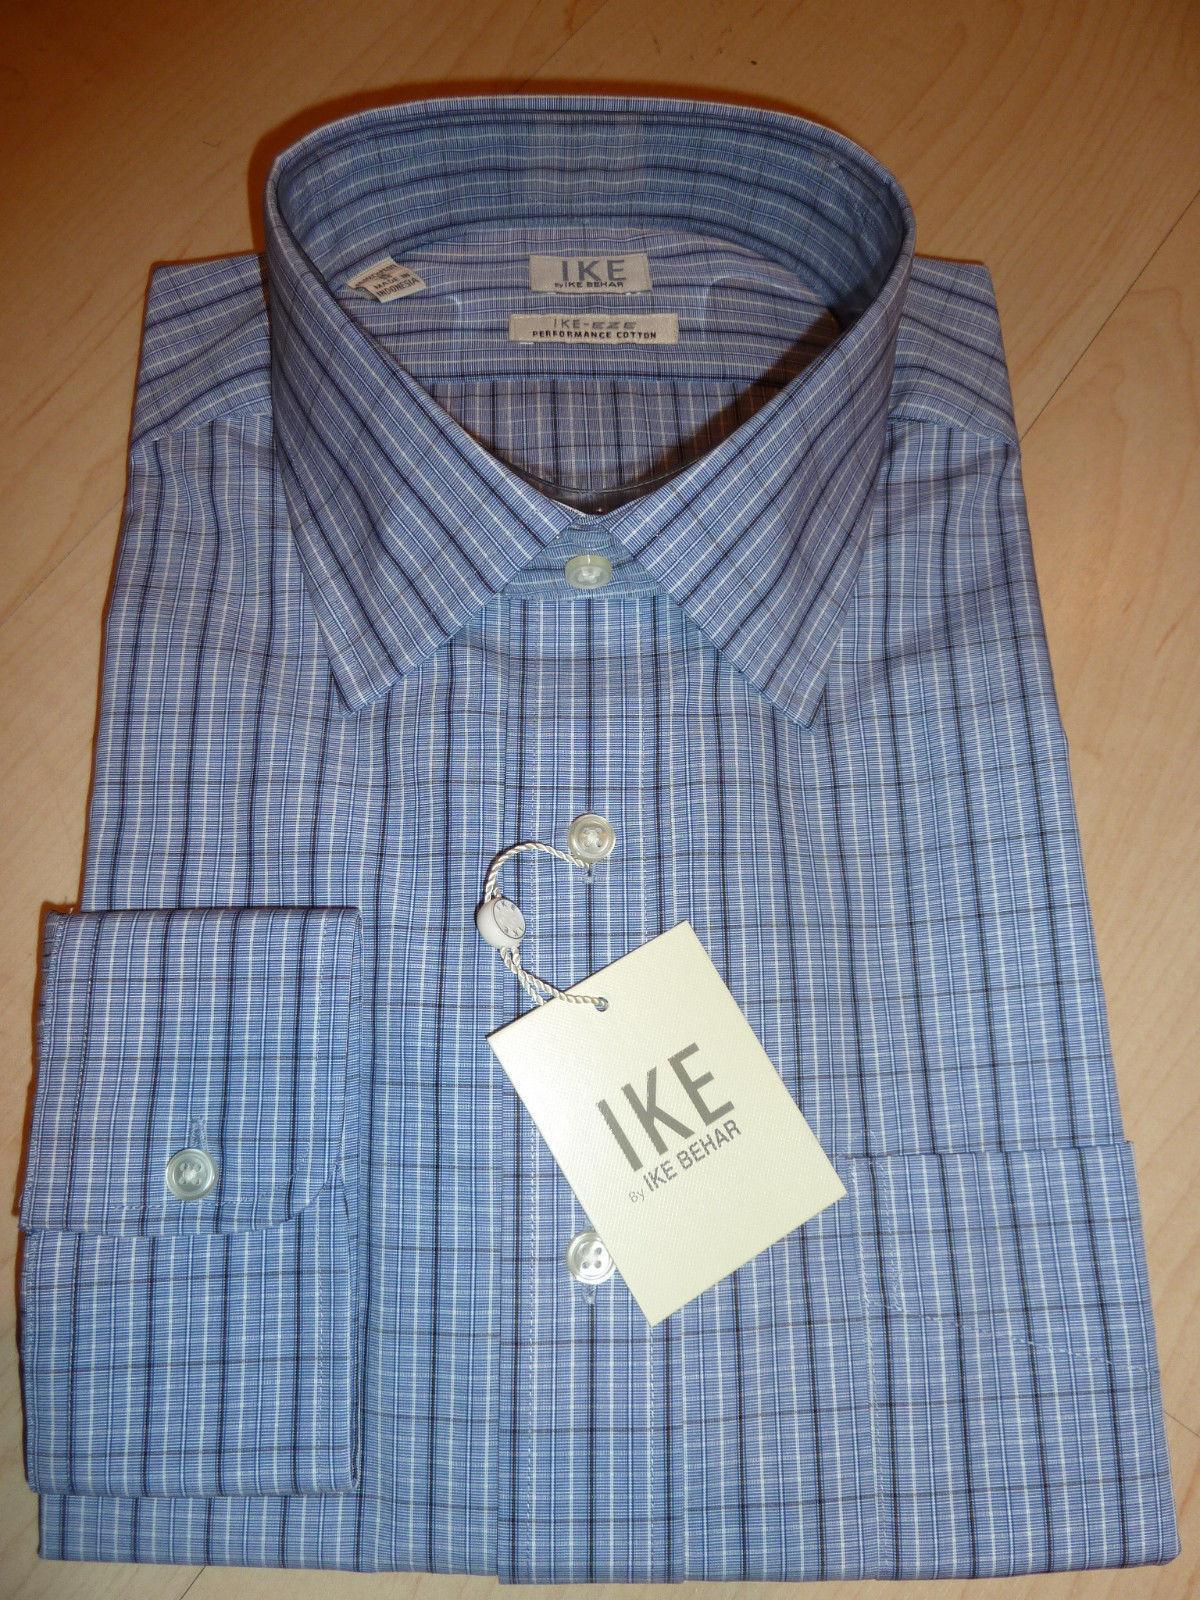 NEW 190 IKE BEHAR  Herren SHIRT Sz 16 35 EZE Performance Cotton Blau Ocean BC